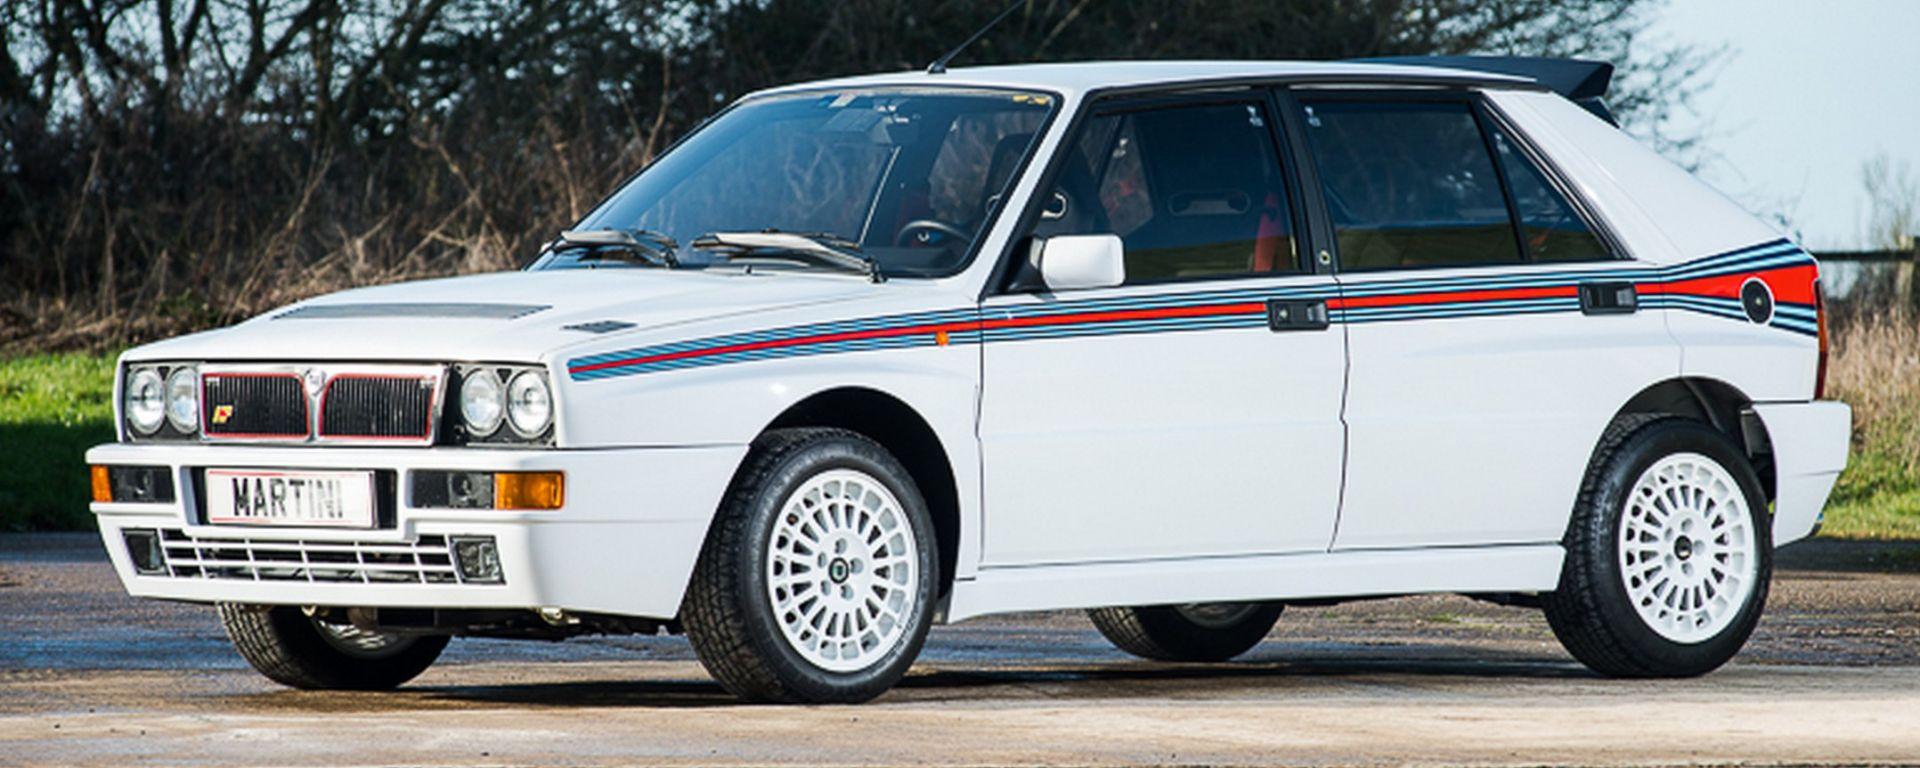 Lancia Delta Martini frontale